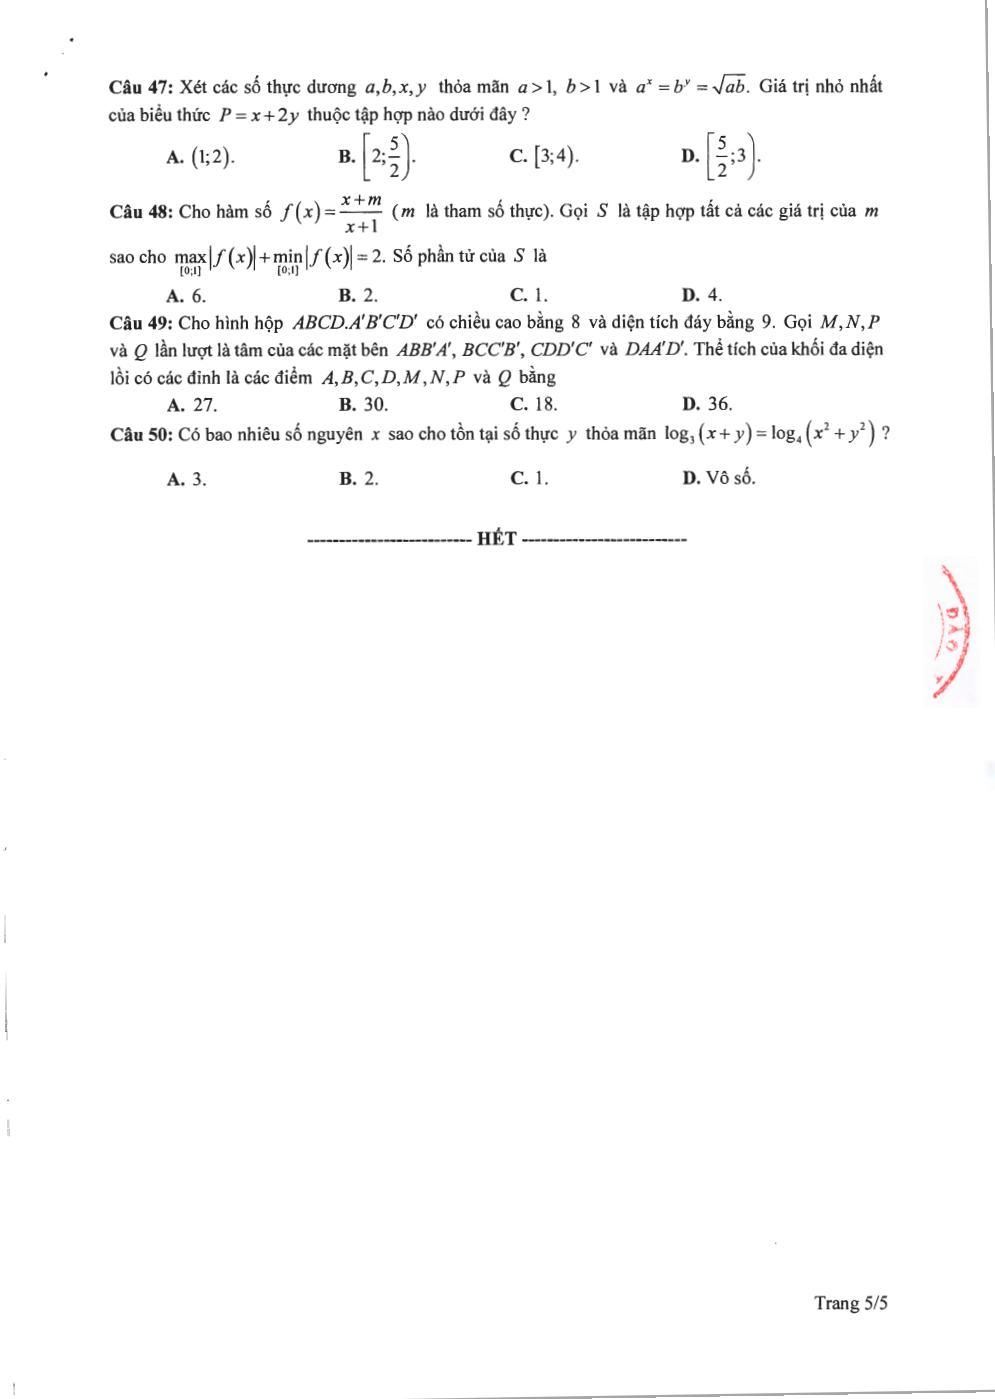 Đề thi tốt nghiệp THPT 2020 môn toán Bộ GD&ĐT ra ngày 7/5